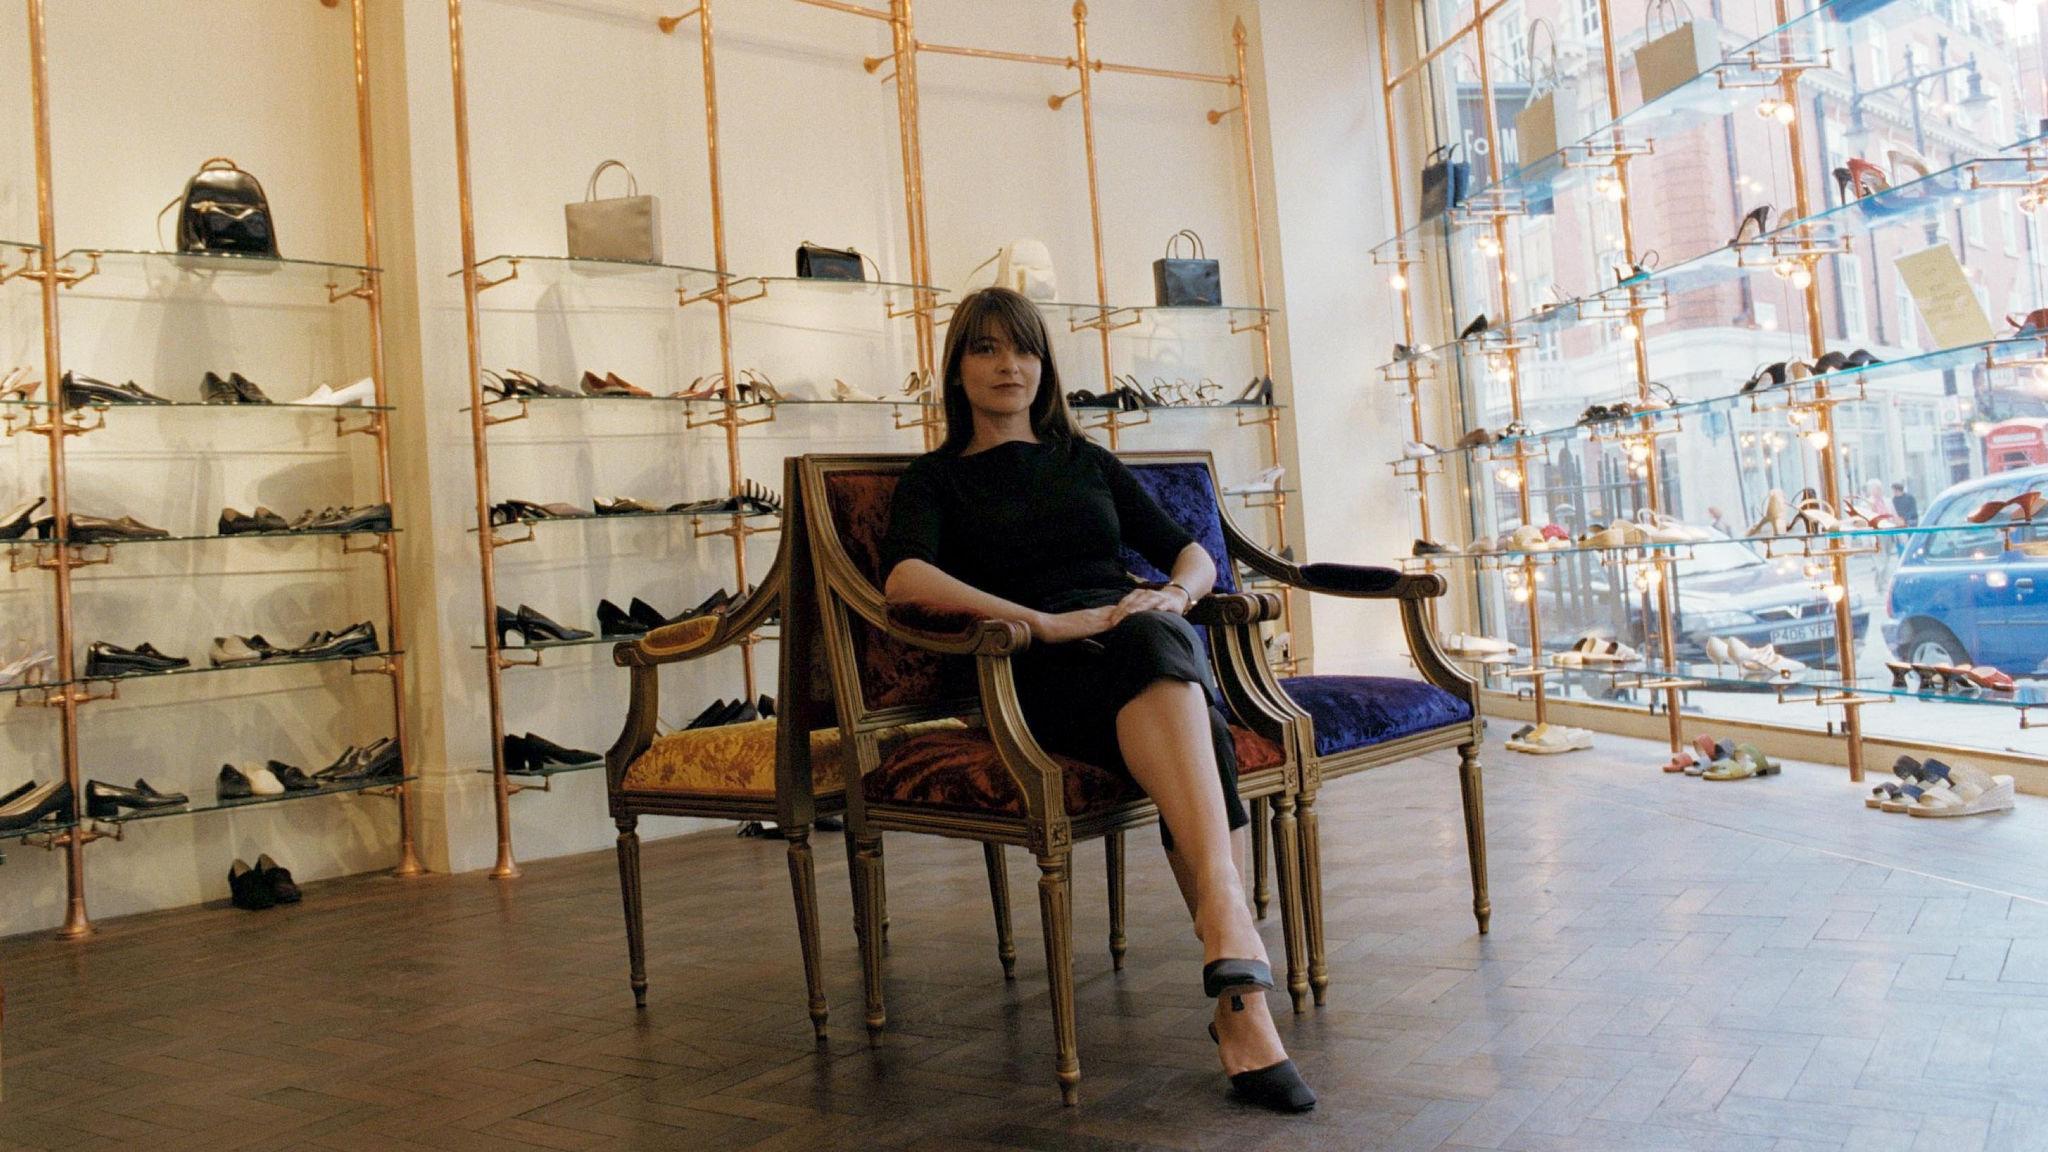 How Fashion Chain Lk Bennett Stumbled Financial Times